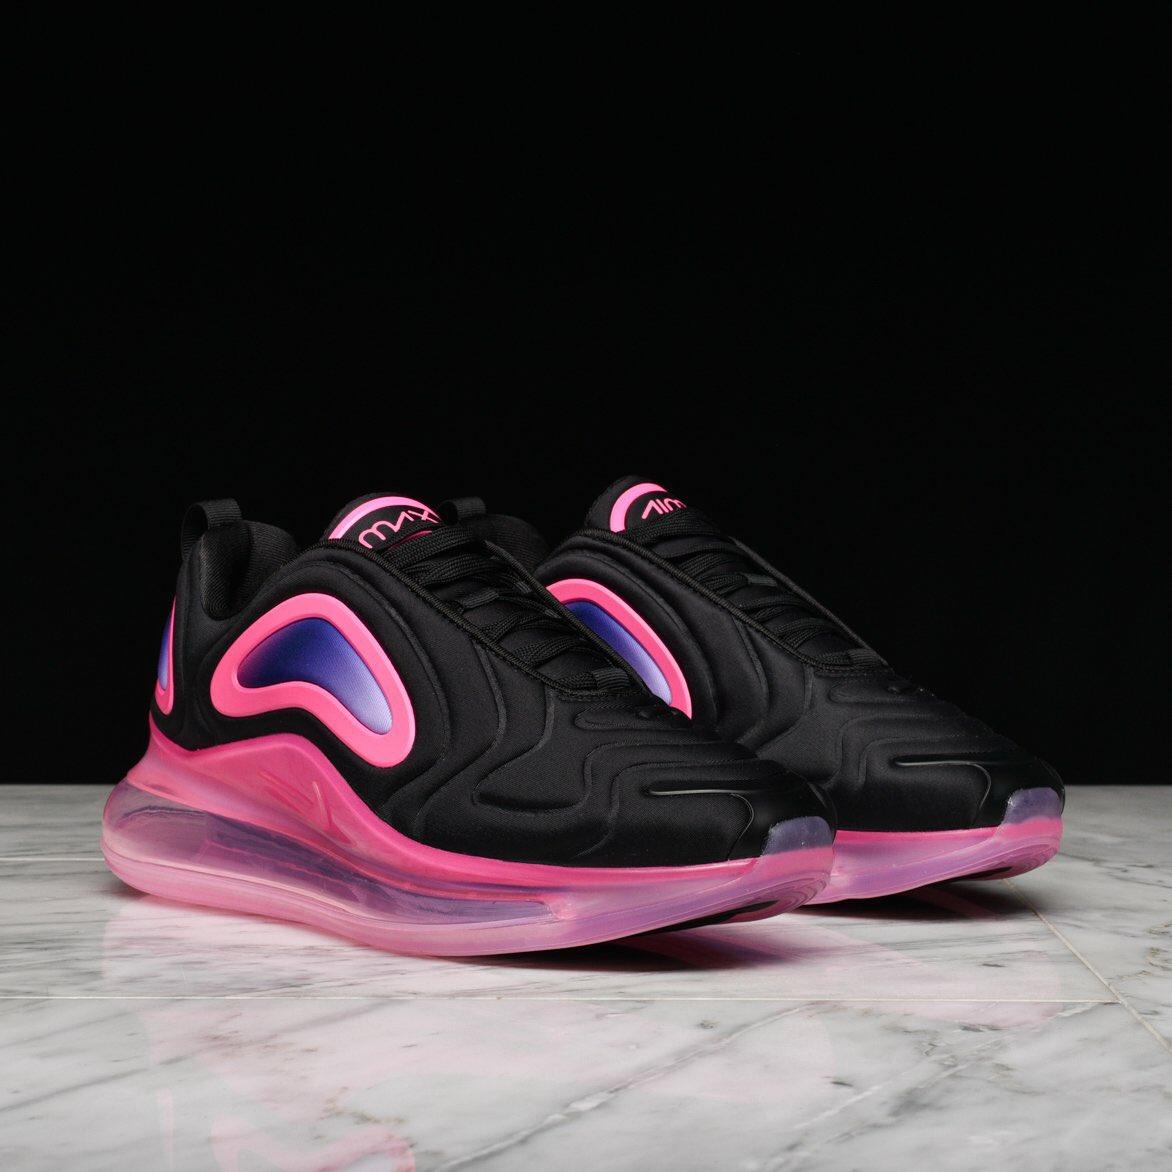 the latest 81993 eed35  126 w code LH30  Nike Air Max 720 Black Pink Blast https   bit.ly 2VFVkUU  Bright Crimson Black https   bit.ly 2JaRlJb  ADpic.twitter.com R1kM3OtEtL